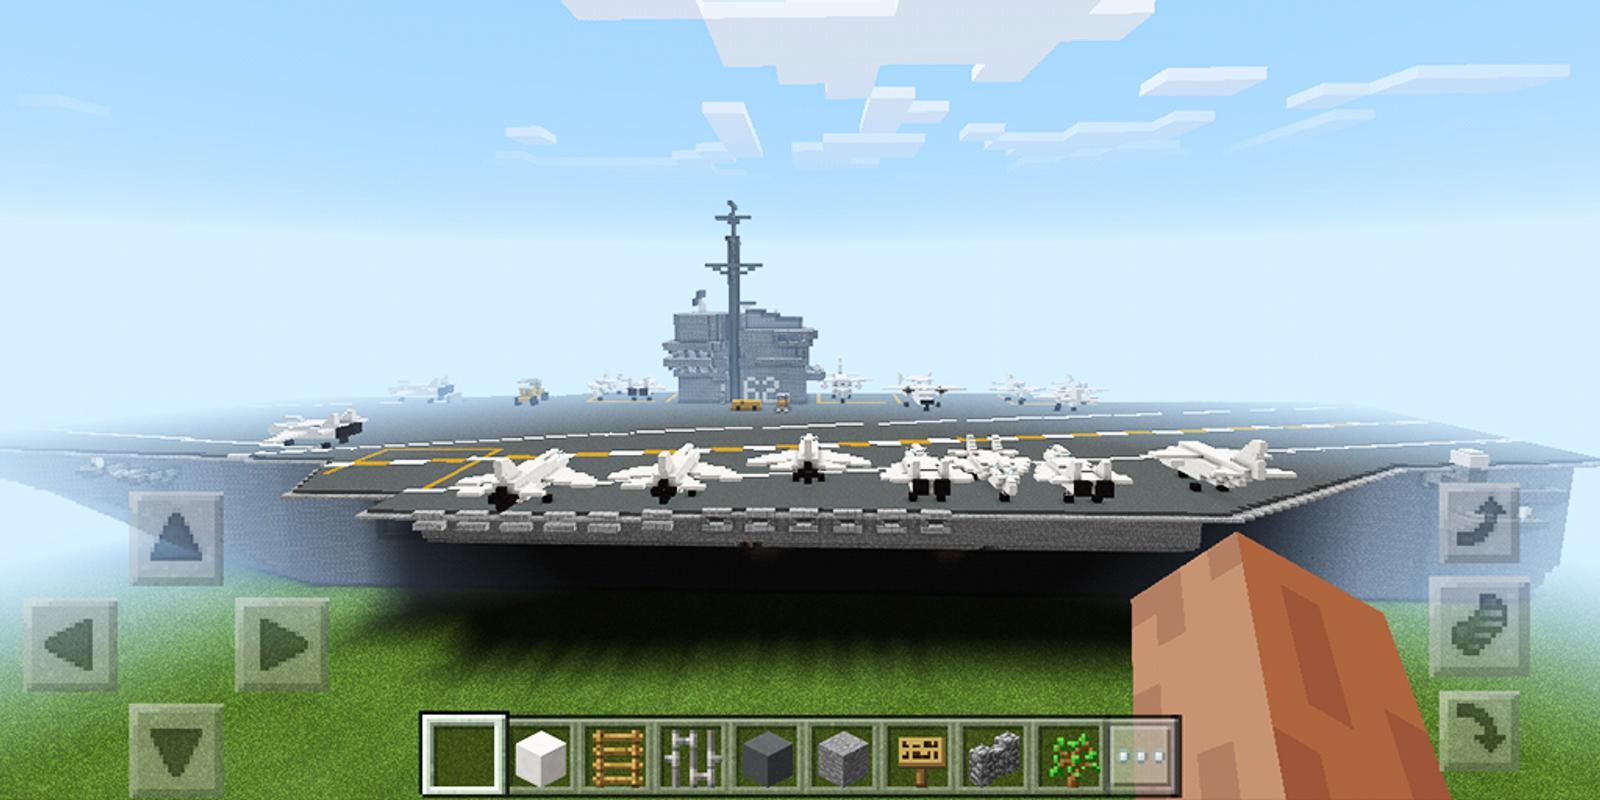 Aircraft Carrier Minecraft Map APKDownload Kostenlos Unterhaltung - Kostenlose maps fur minecraft